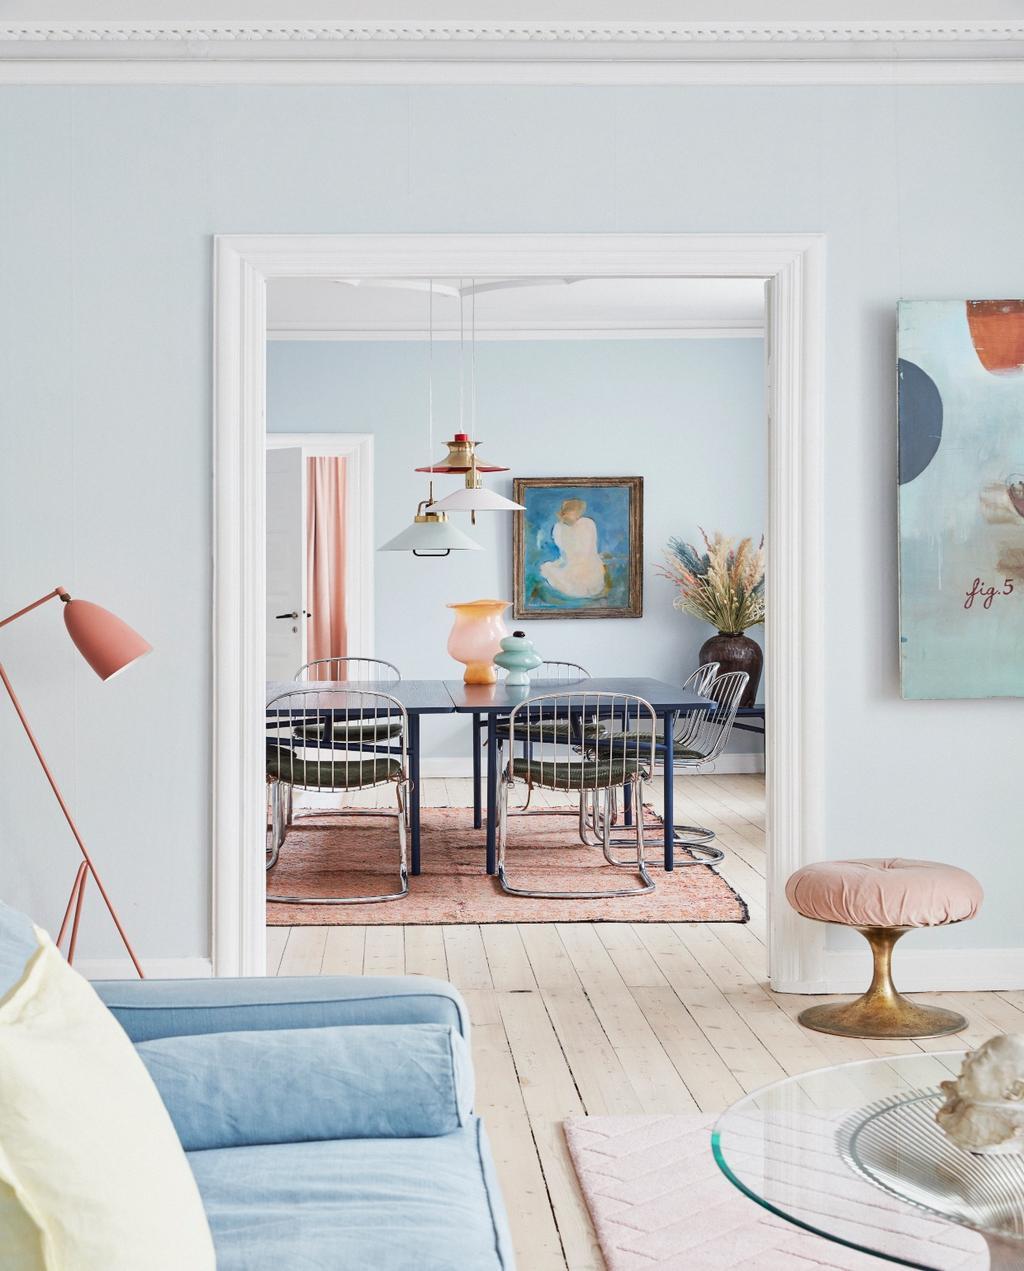 vtwonen 06-2020 | Appartement Kopenhagen woonkamer met doorkijk naar de eettafel